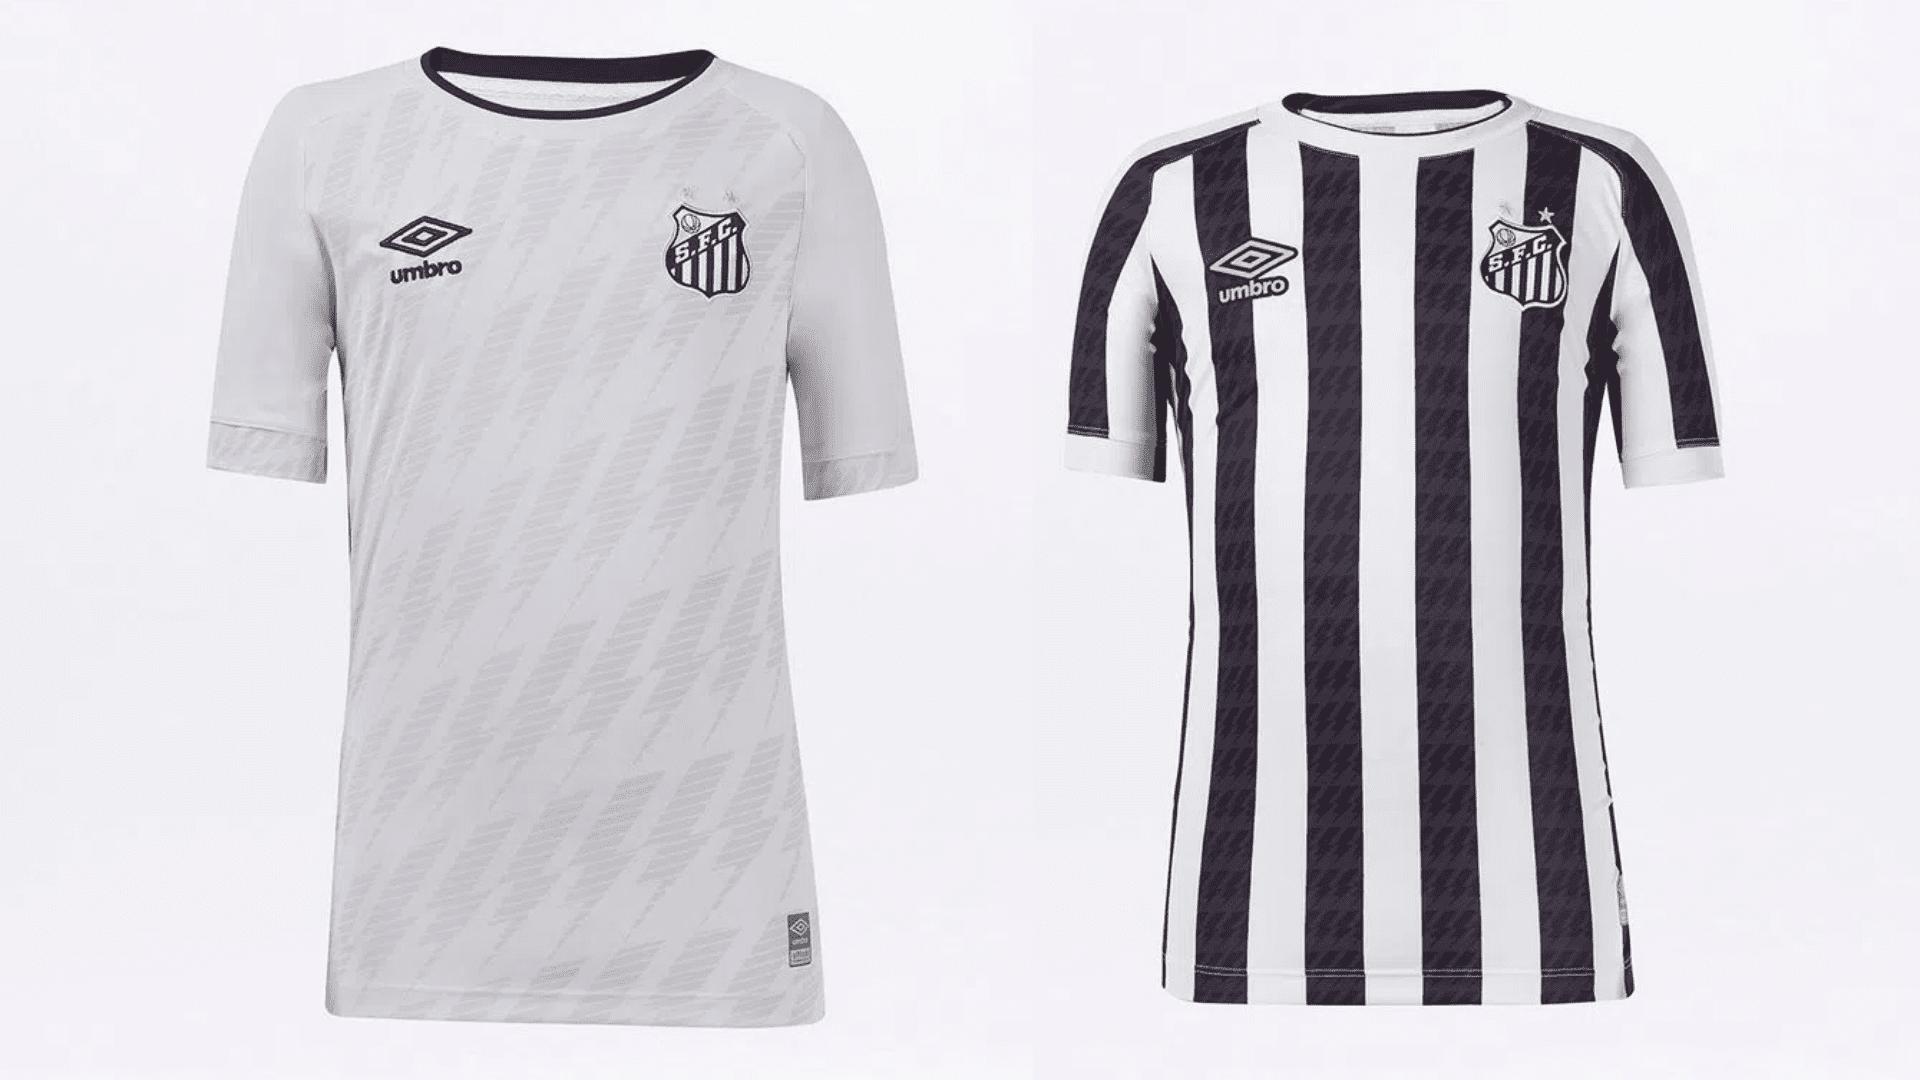 Camisa do Santos Infantil 2021 Umbro Jogo 1 e 2 (Imagem: Divulgação/Umbro)